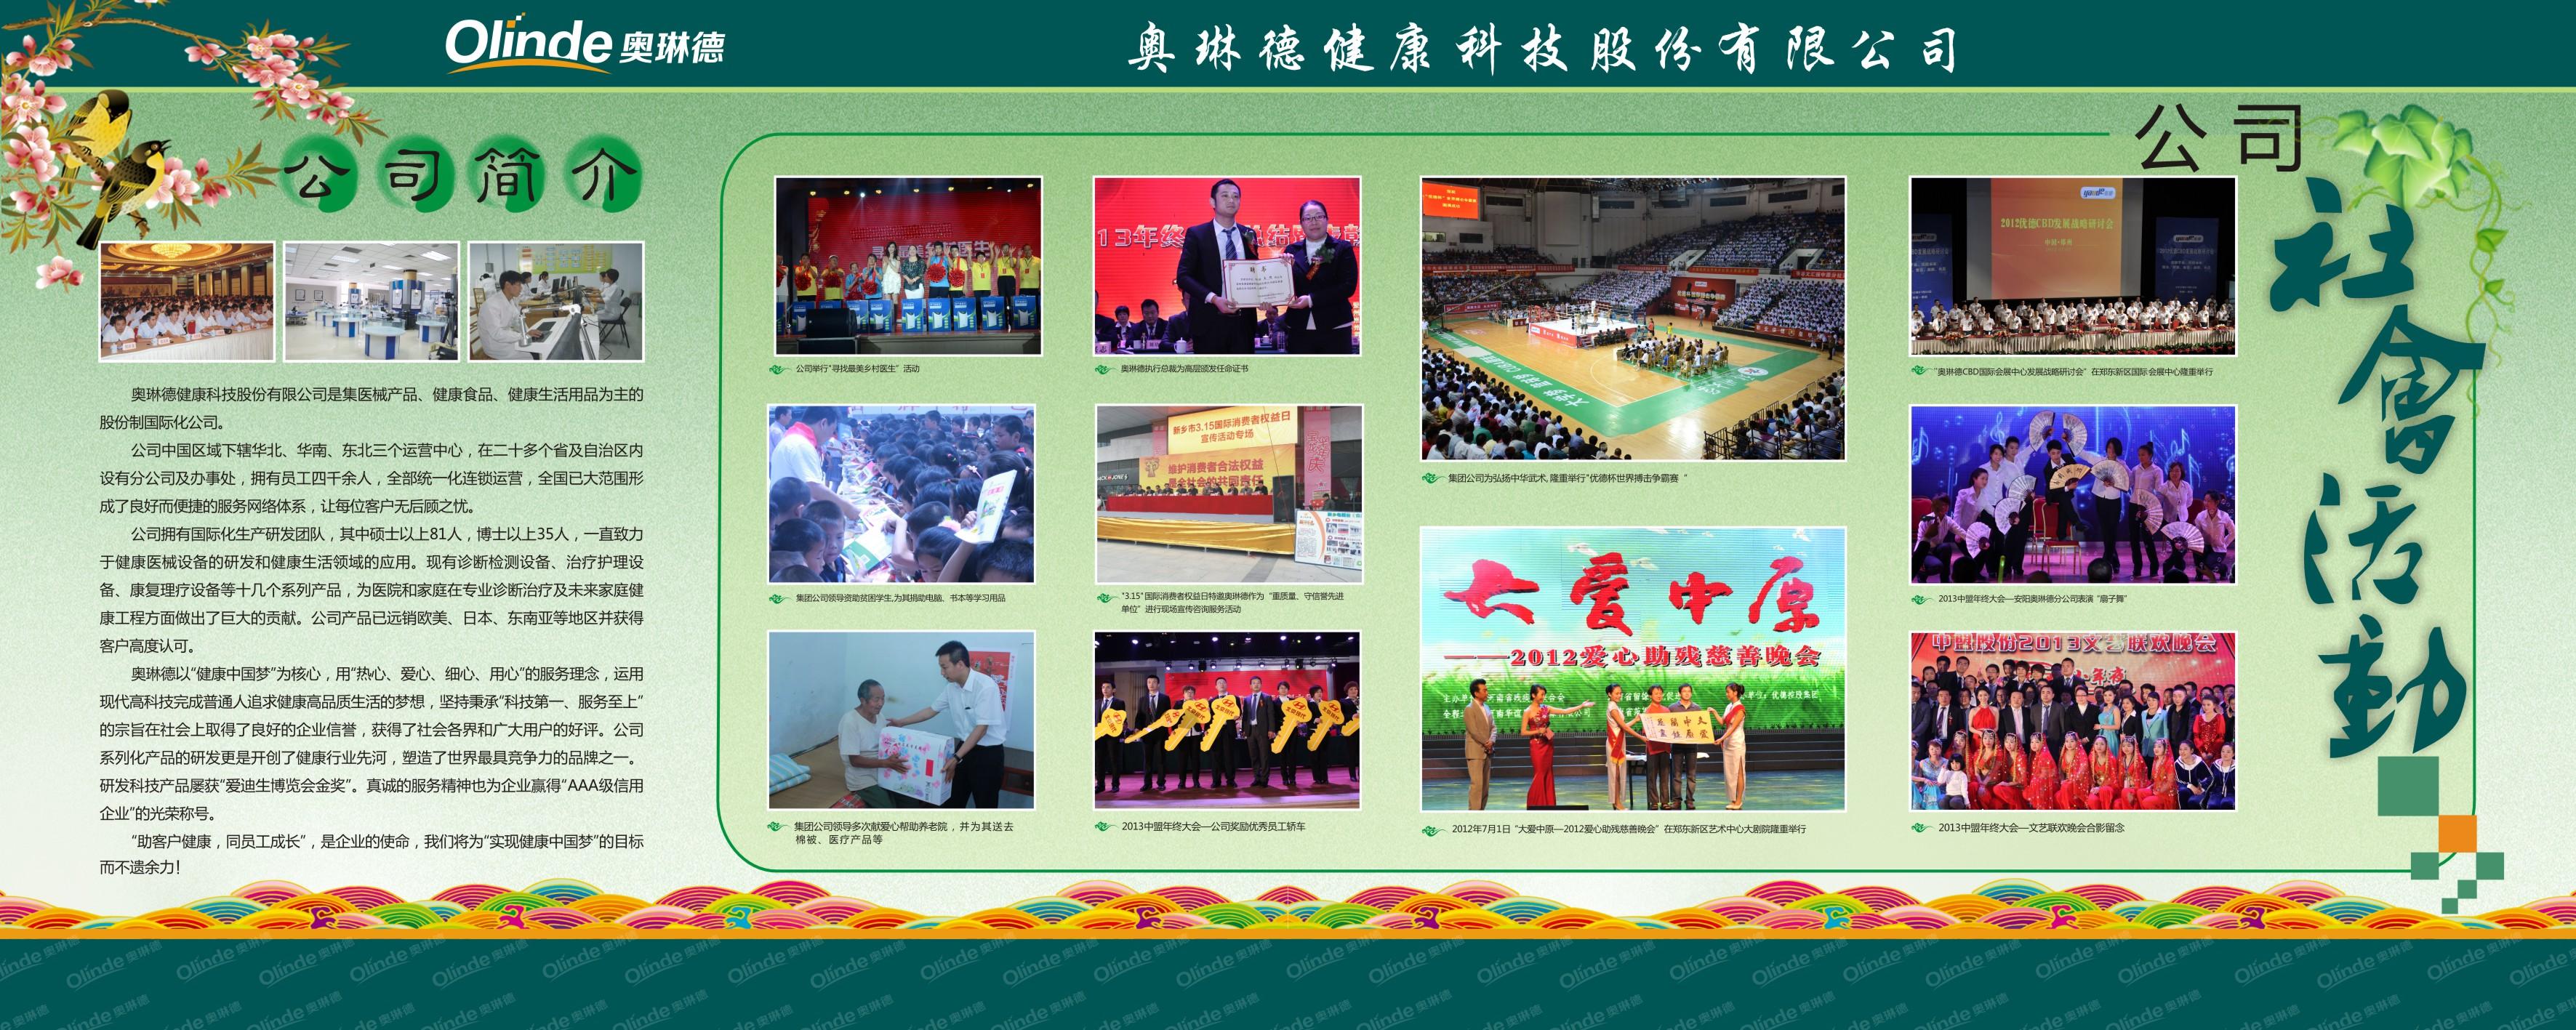 郑州奥琳德健康科技股份有限公司(信息待验证0596)